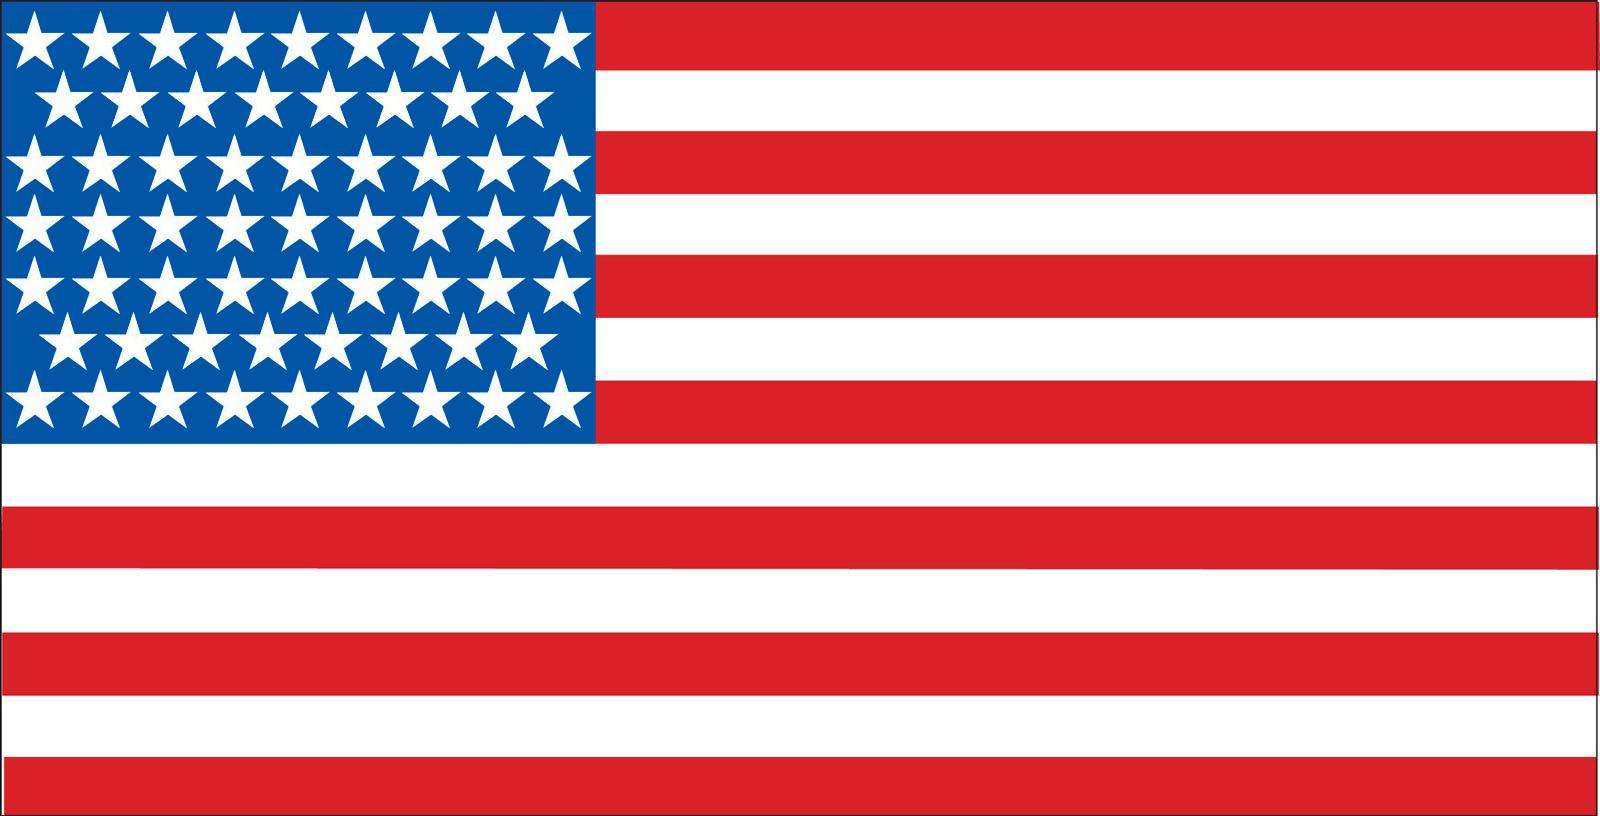 Ambassade et consulat des États-Unis d'Amérique